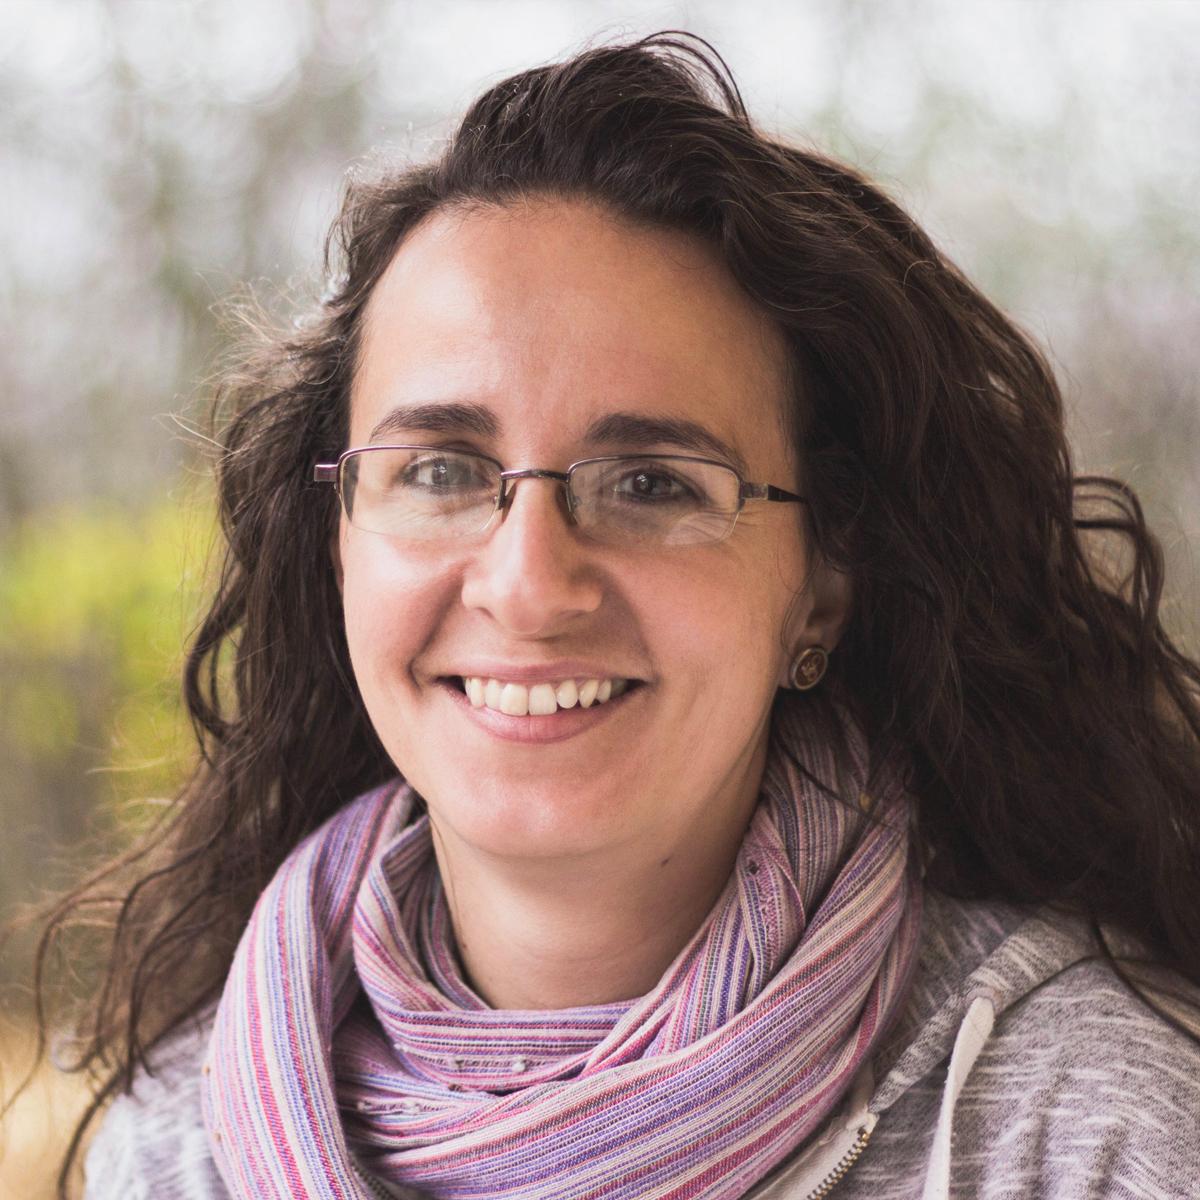 Andrea Uherková